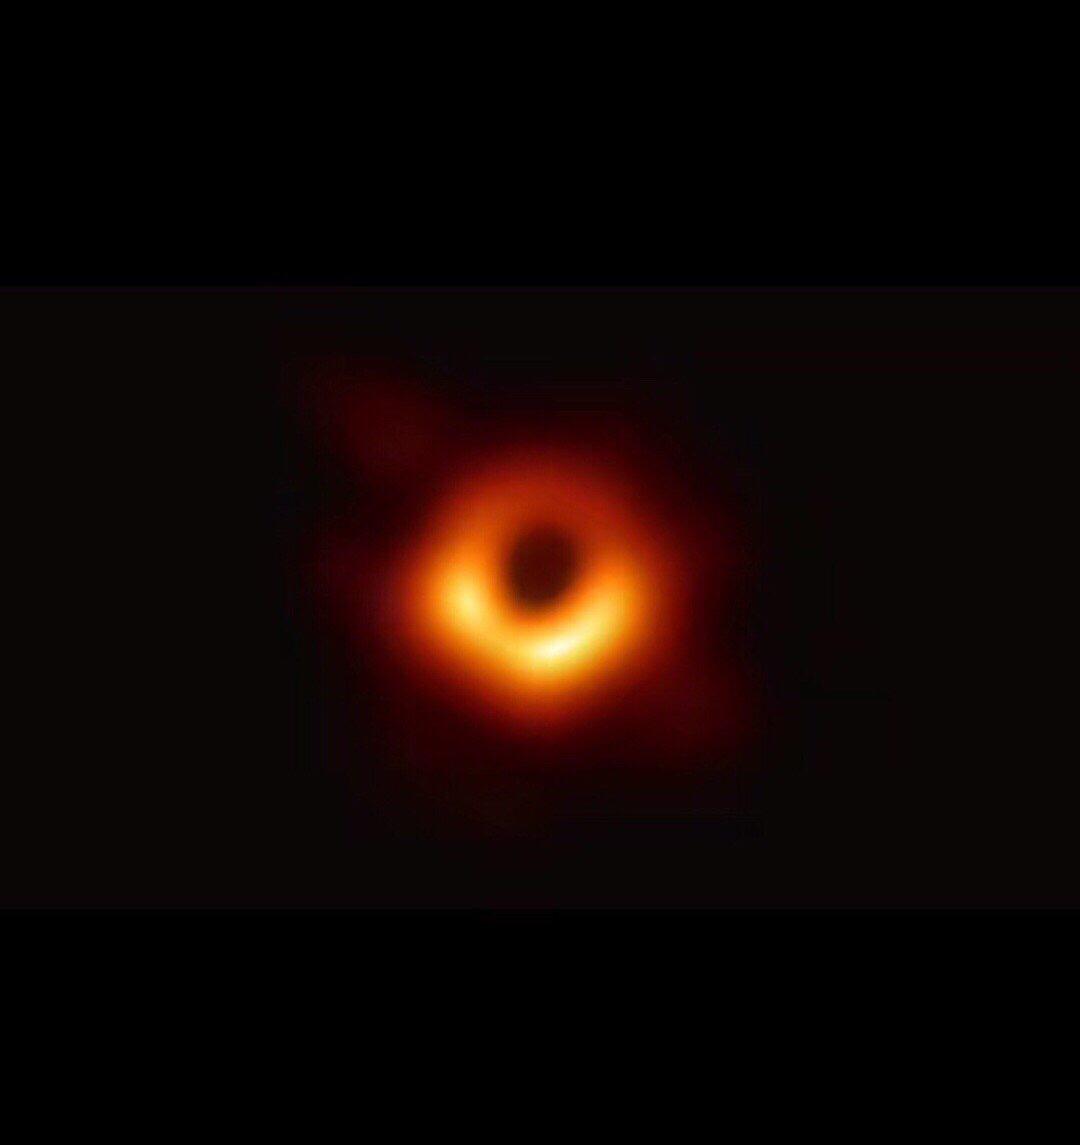 亮度相当于700万亿颗太阳,宇宙中最亮的黑洞,究竟有多可怕?